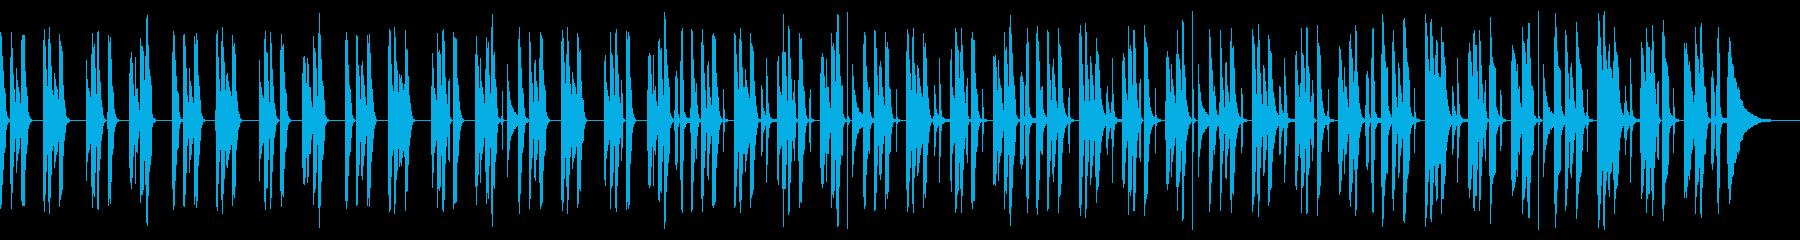 YouTube・劇伴・コミカル・日常の再生済みの波形